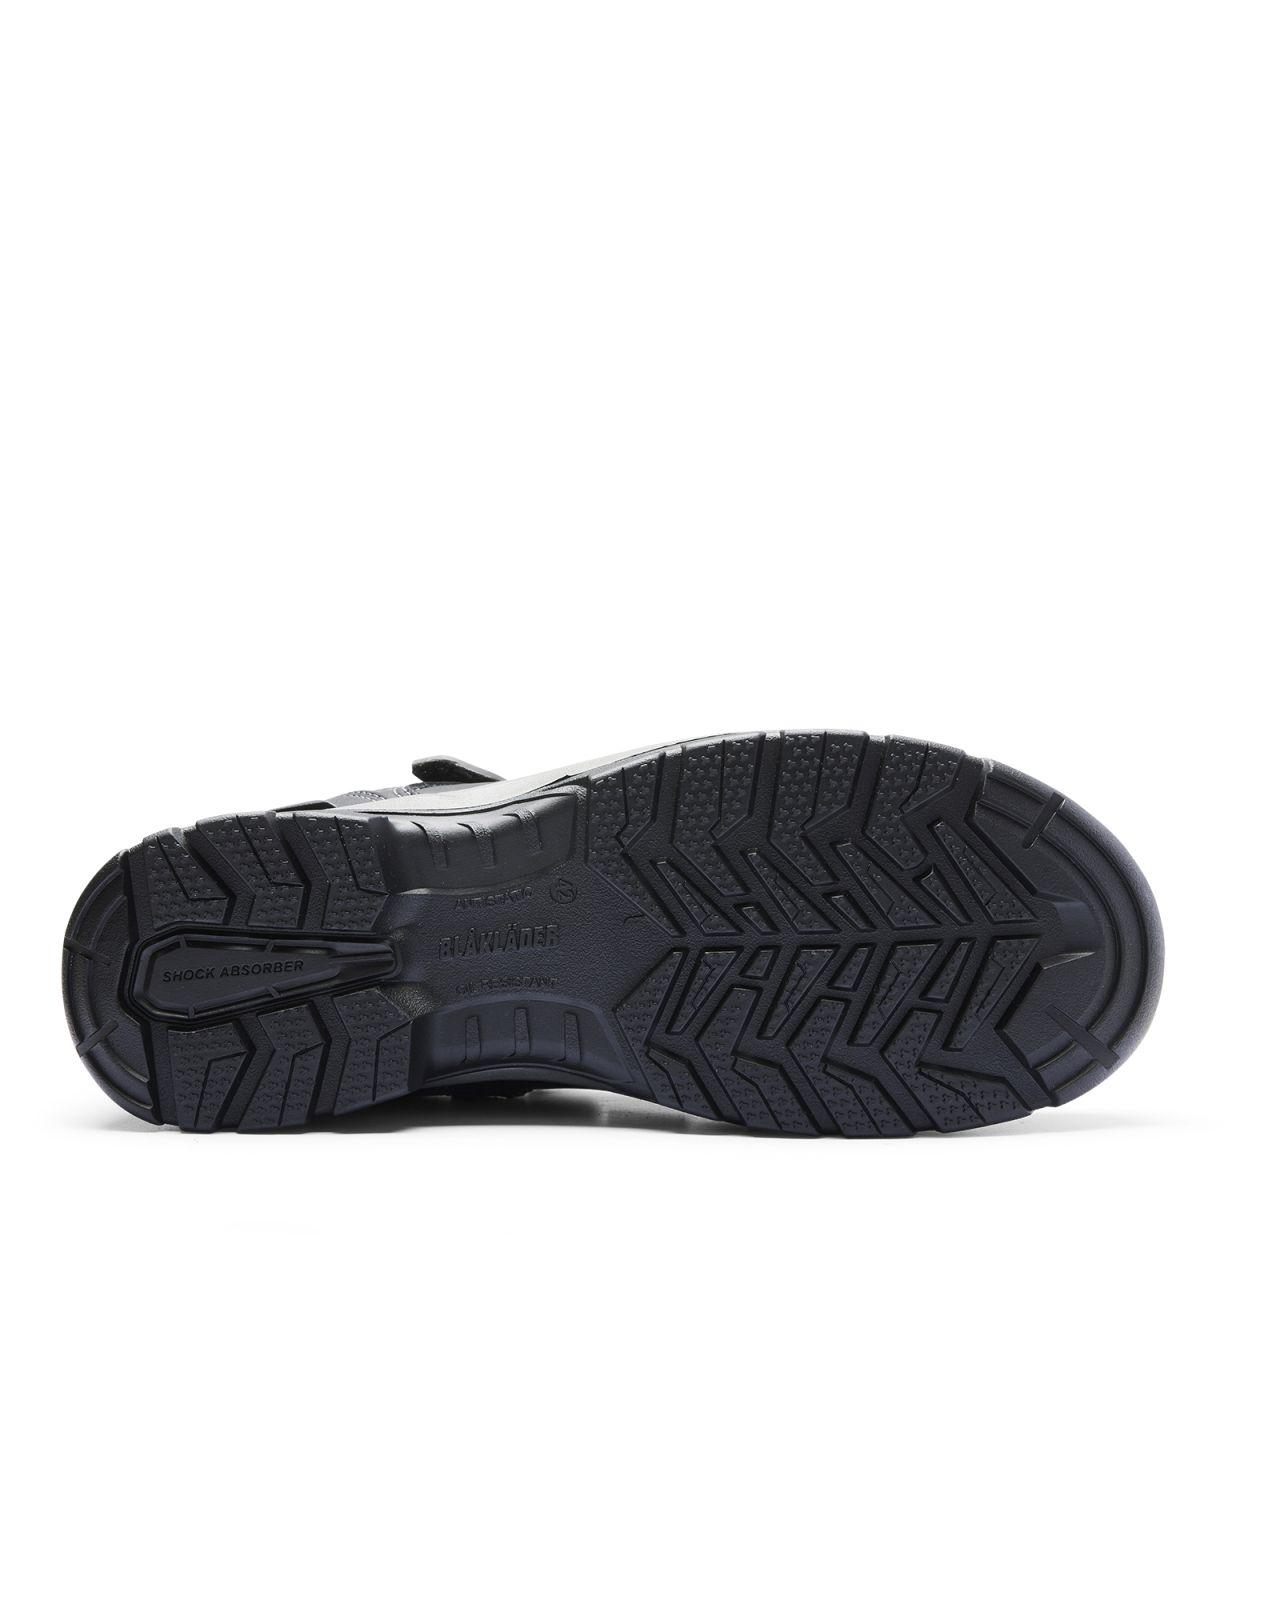 Blaklader sandalen 24490 zwart(9900)